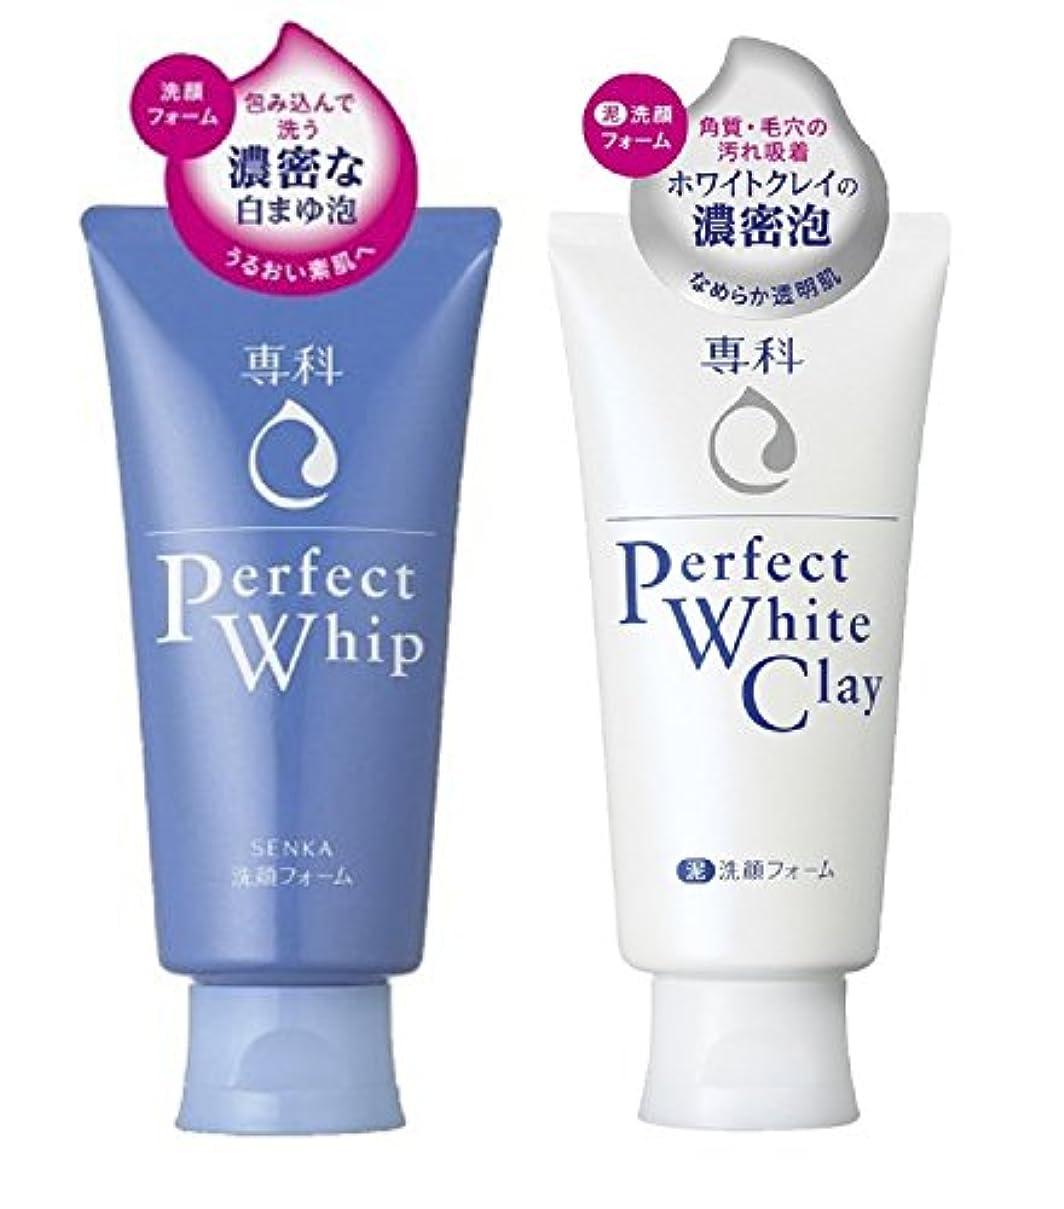 最初最初シーサイド朝晩洗顔フォーム専科セット品 パーフェクトホイップn + パーフェクト ホワイトクレイ 120gx2